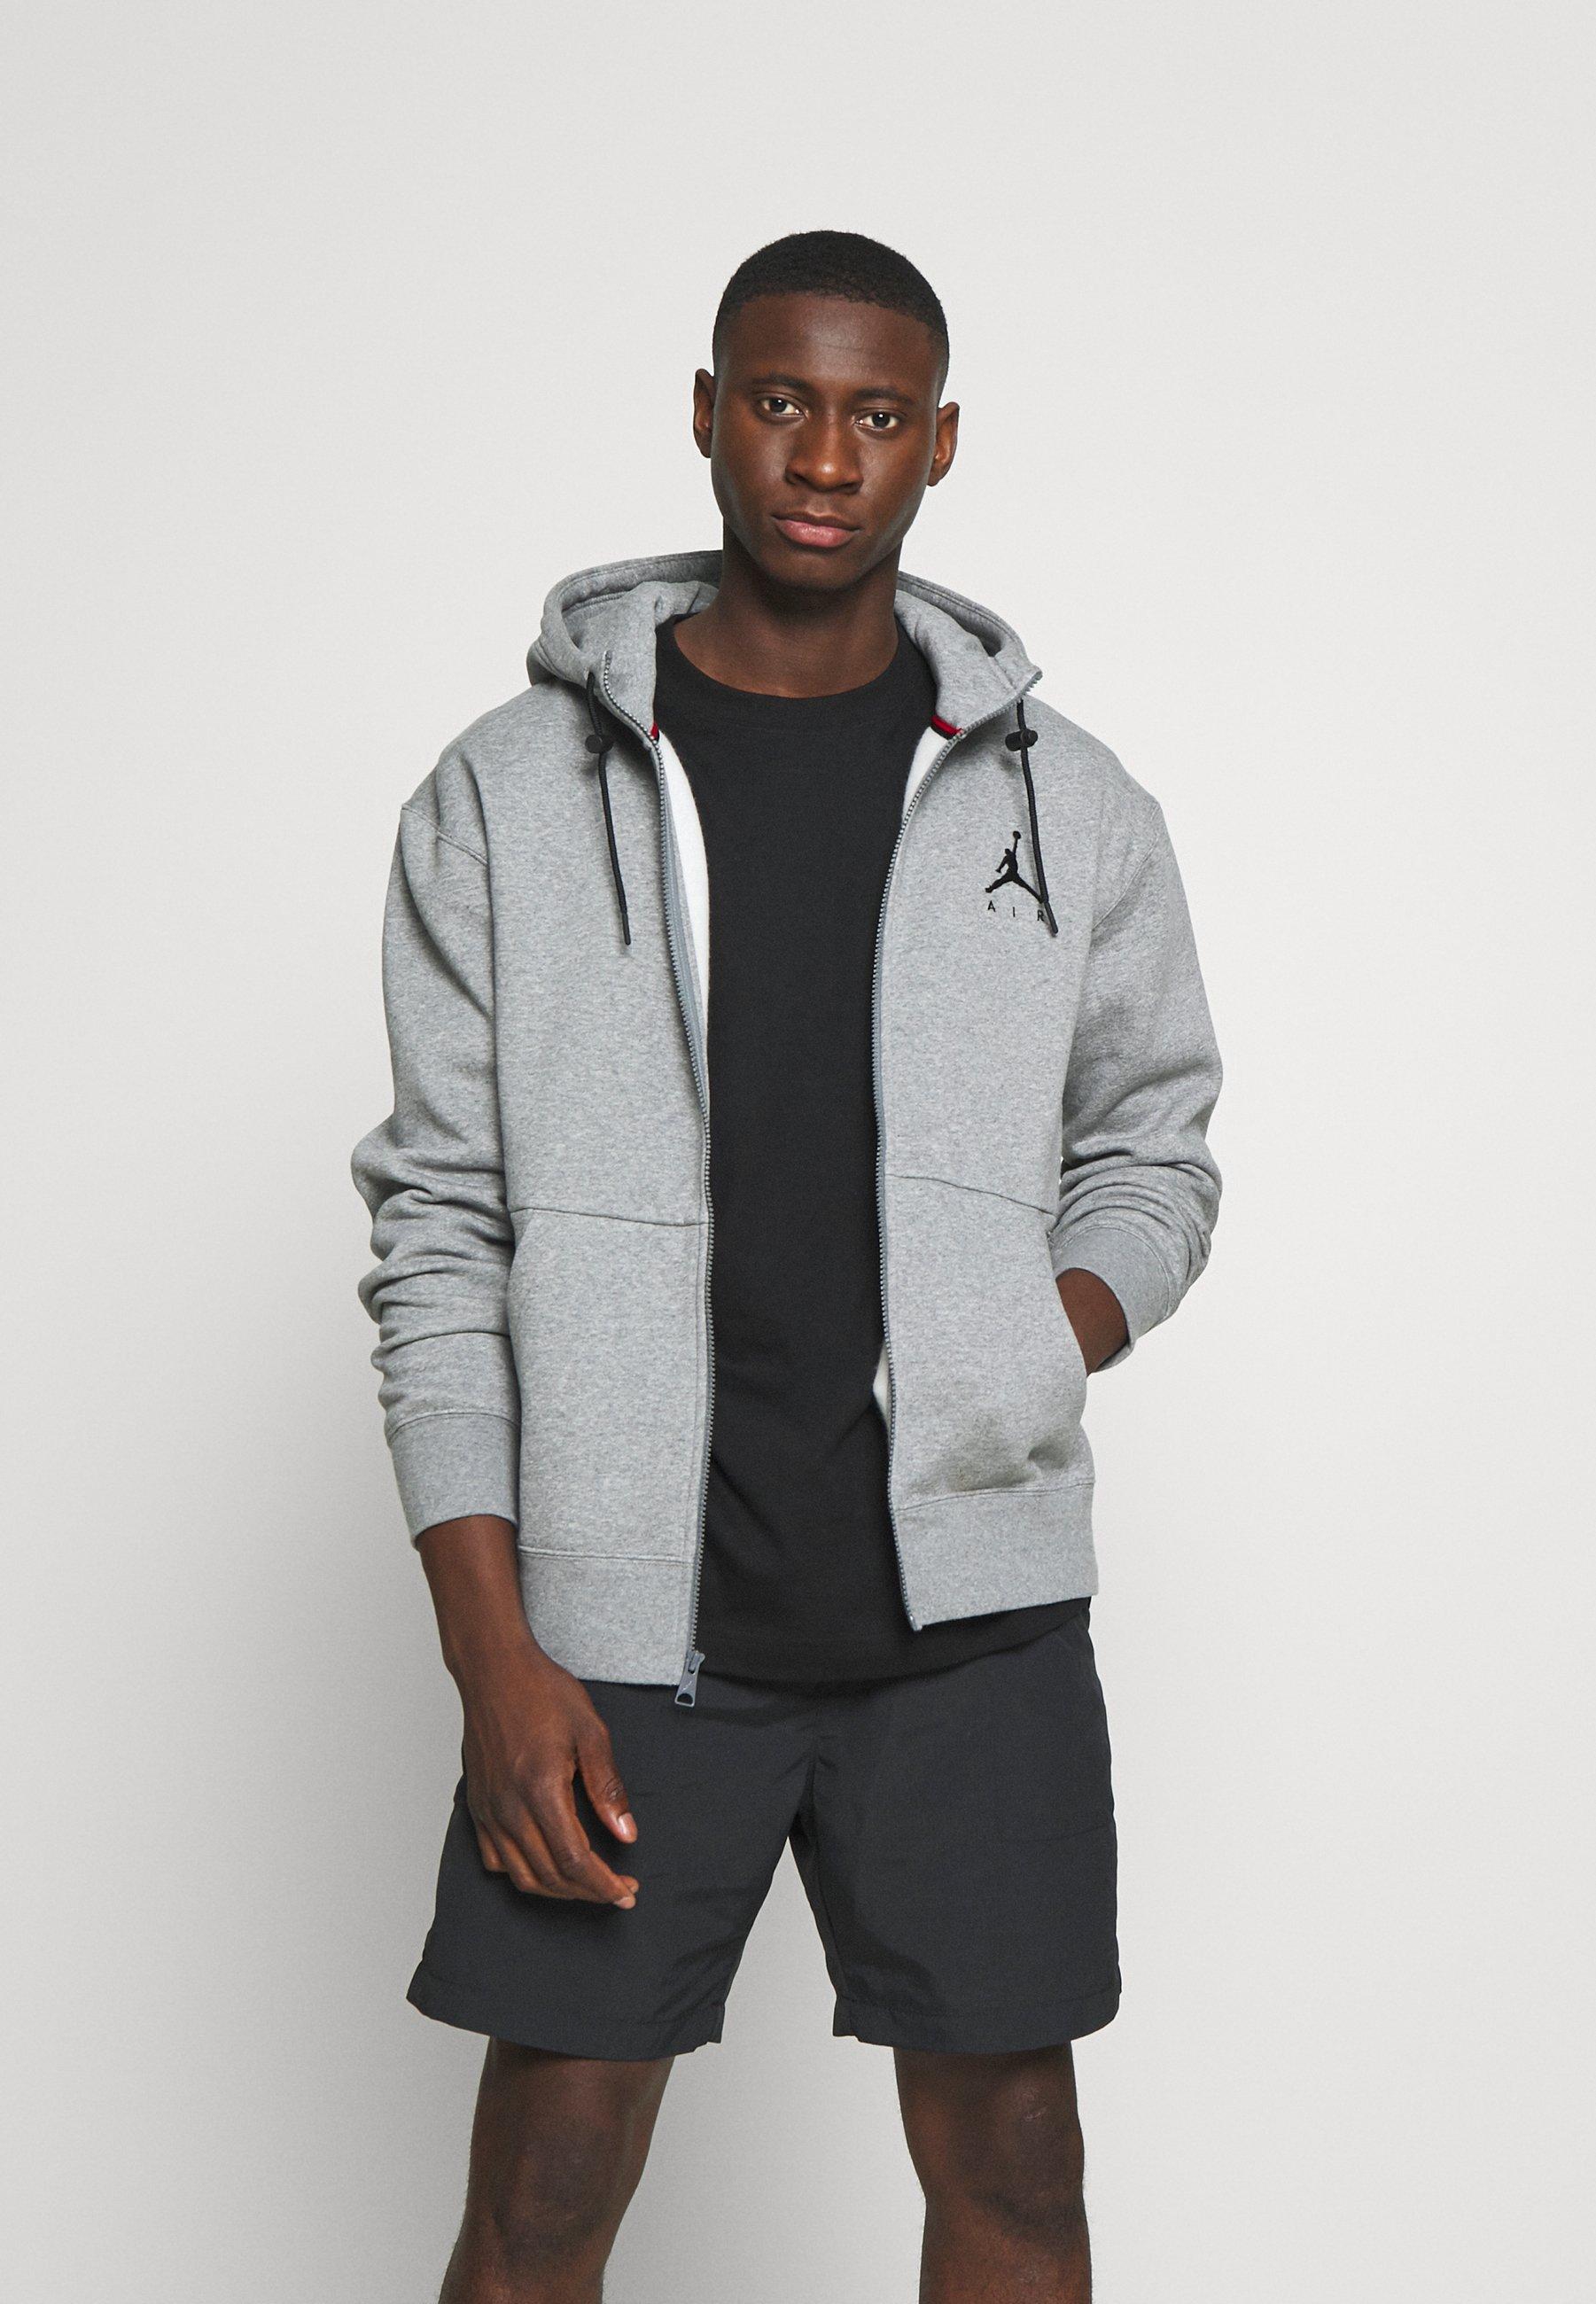 Low Cost Shopping Men's Clothing Jordan JUMPMAN AIR Zip-up hoodie carbon heather/black kQeKlgBjH aVTv2gs1Y